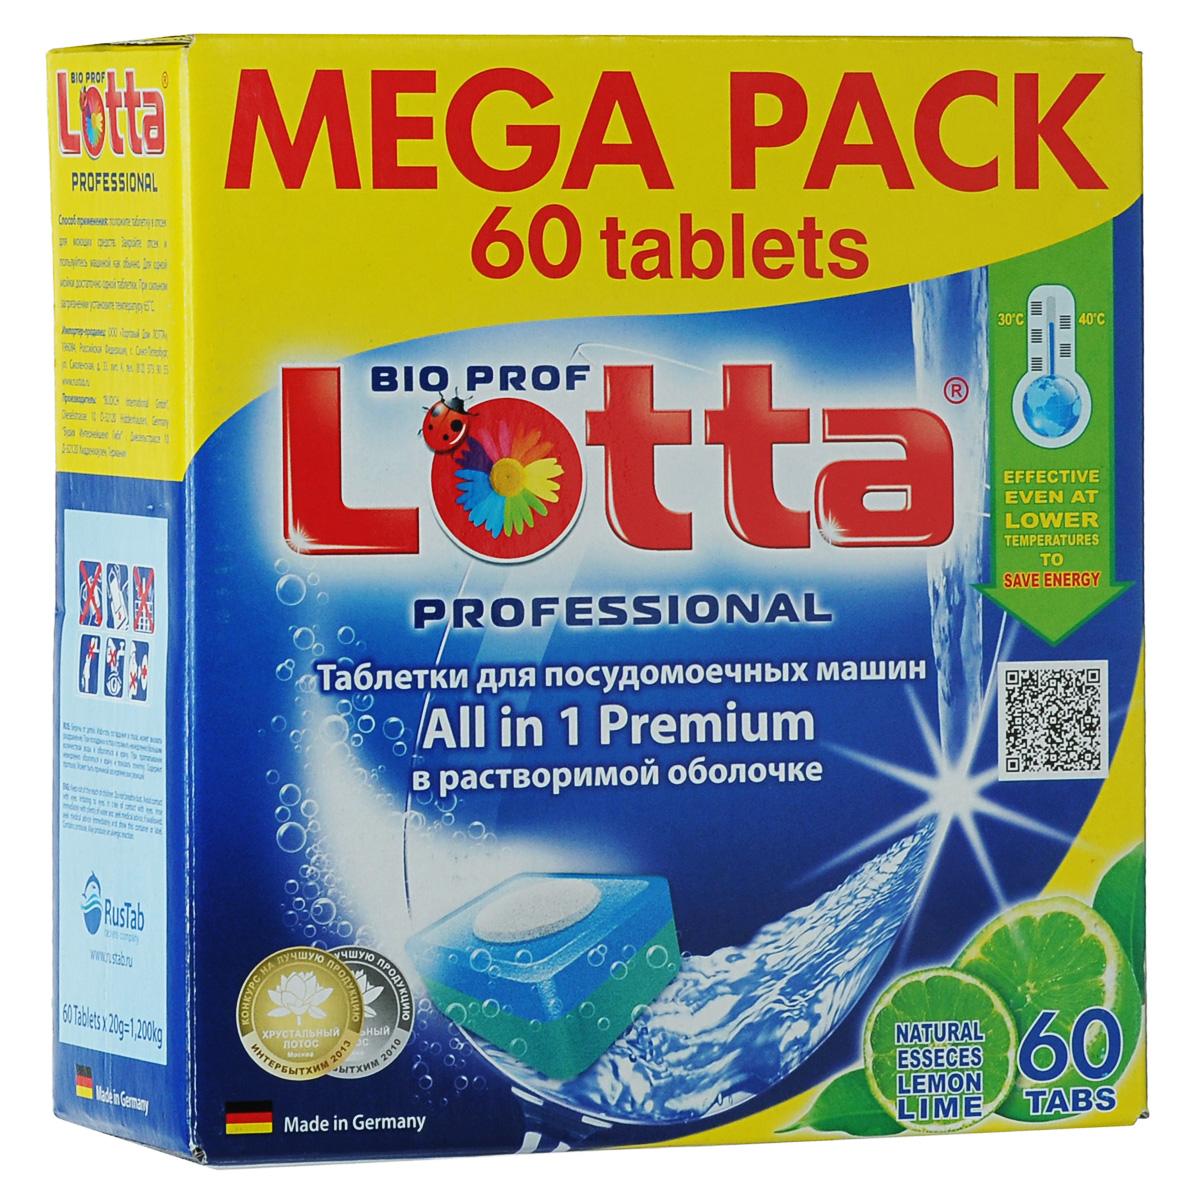 Таблетки для посудомоечных машин Lotta All in 1 Premium, с ароматом лайма, 60 таблеток16215Таблетки для посудомоечной машины Lotta All in 1 Premium - таблетки премиум класса в водорастворимой оболочке, гарантия чистоты и свежести вашей посуды. Быстро растворимая оболочка позволяет избежать любой контакт моющего средства с кожей, снижая до нуля риск возникновения аллергических реакций. Таблетки Lotta All in 1 Premium великолепно очищают посуду и содержат ополаскиватель для наилучшего результата, в состав которого входят специальные добавки, которые усиливают моющую силу средства, смягчают воду и оберегают машину от образования в ней накипи. Таблетки растворяют даже засохшие остатки пищи на посуде и нейтрализуют любые неприятные запахи. Таблетки также защищают хрусталь и стекло от потемнения, и усиливают блеск посуды из нержавеющей стали. Вес одной таблетки: 20 г. Количество таблеток: 60. Общий вес упаковки: 1,2 кг. Состав: триполифосфат натрия 30% и более, карбонат натрия, бикарбонат натрия (15-30%), пекарбонат натрия (5-15%),...